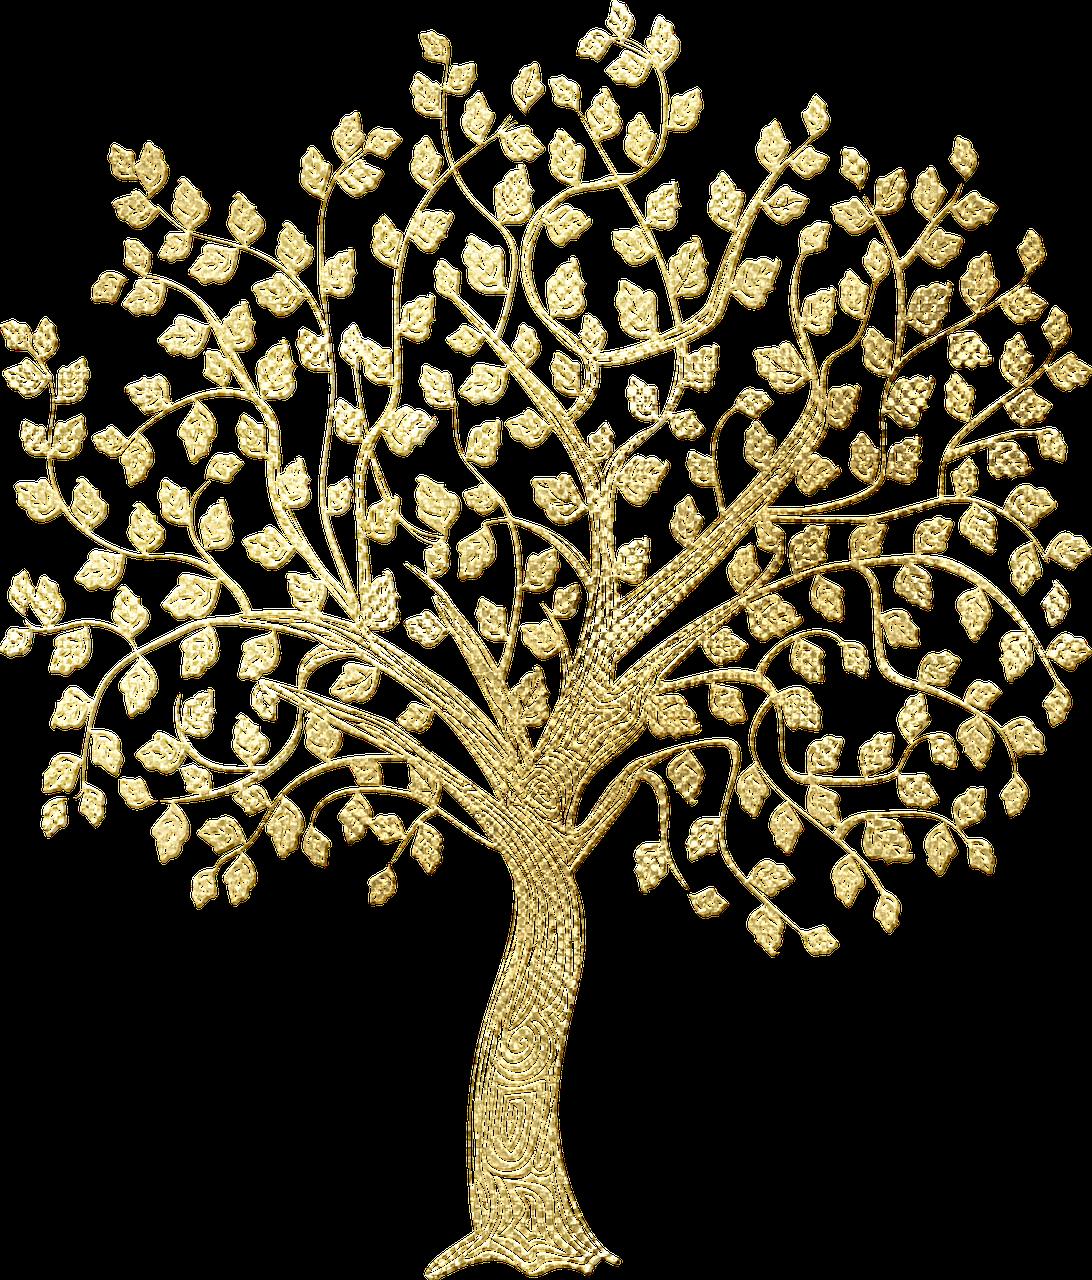 золотое денежное дерево картинка желания помощью стакана